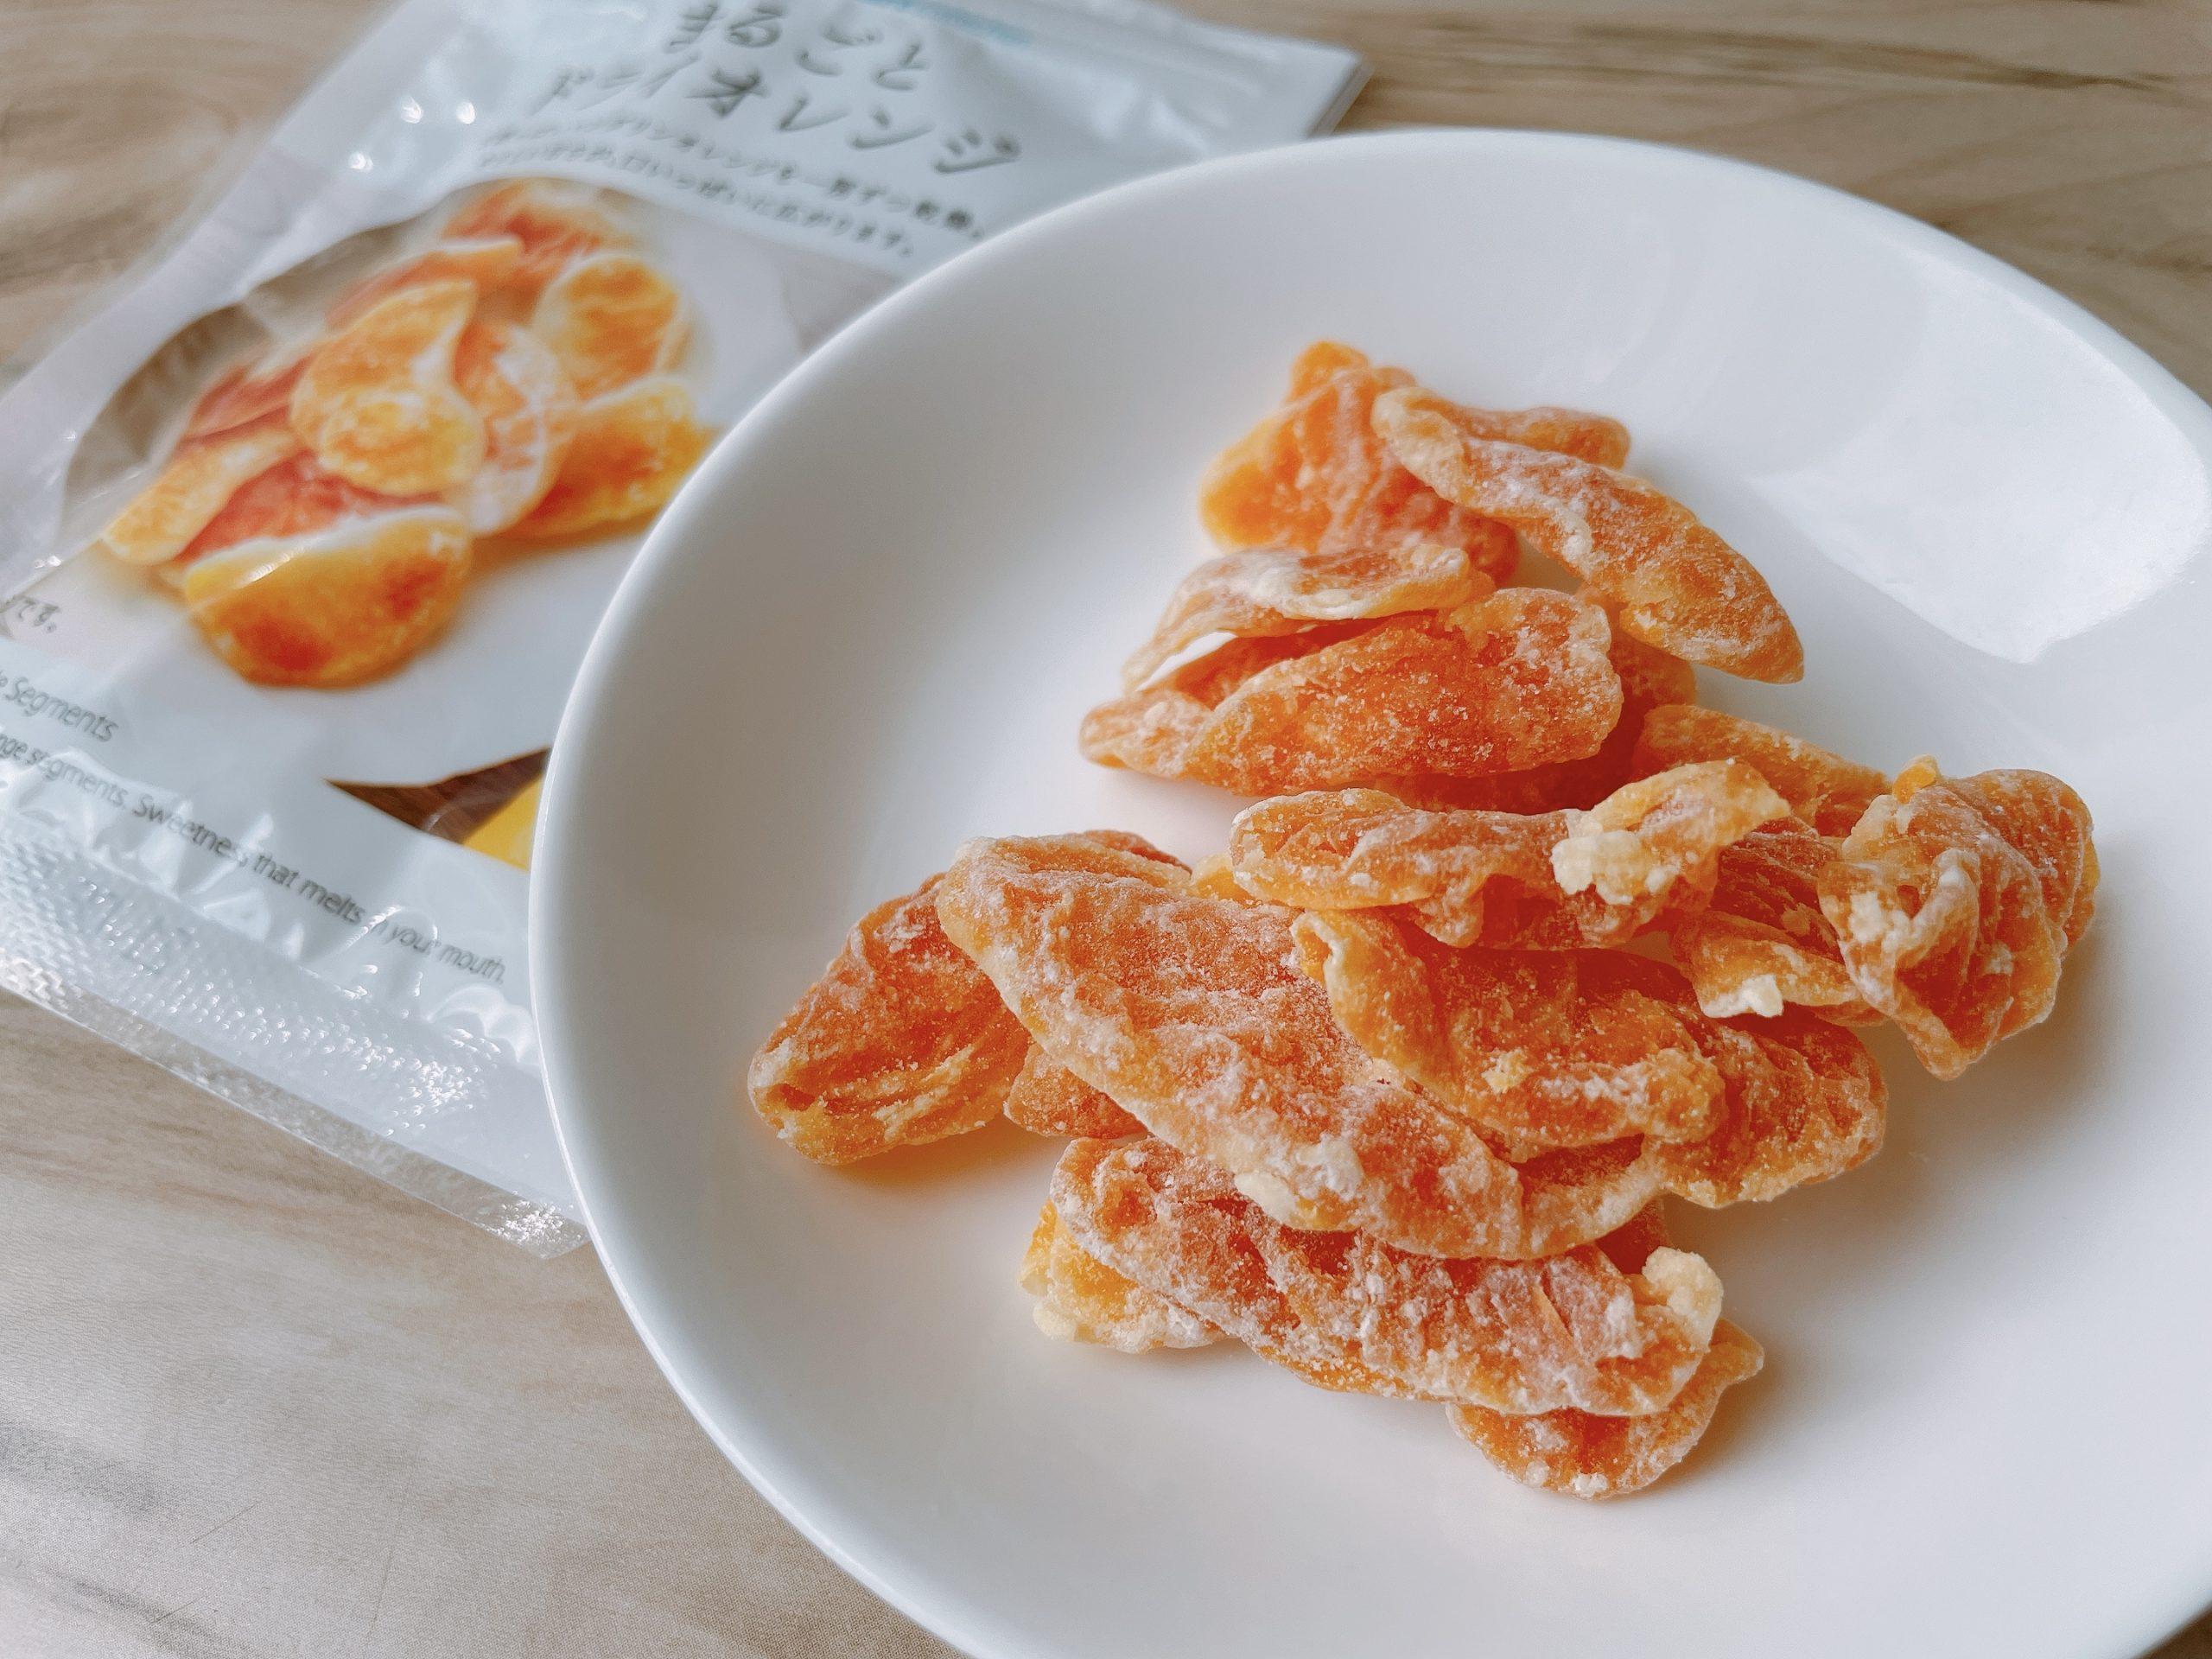 まるごとドライオレンジの香りは、美味しくなさそう